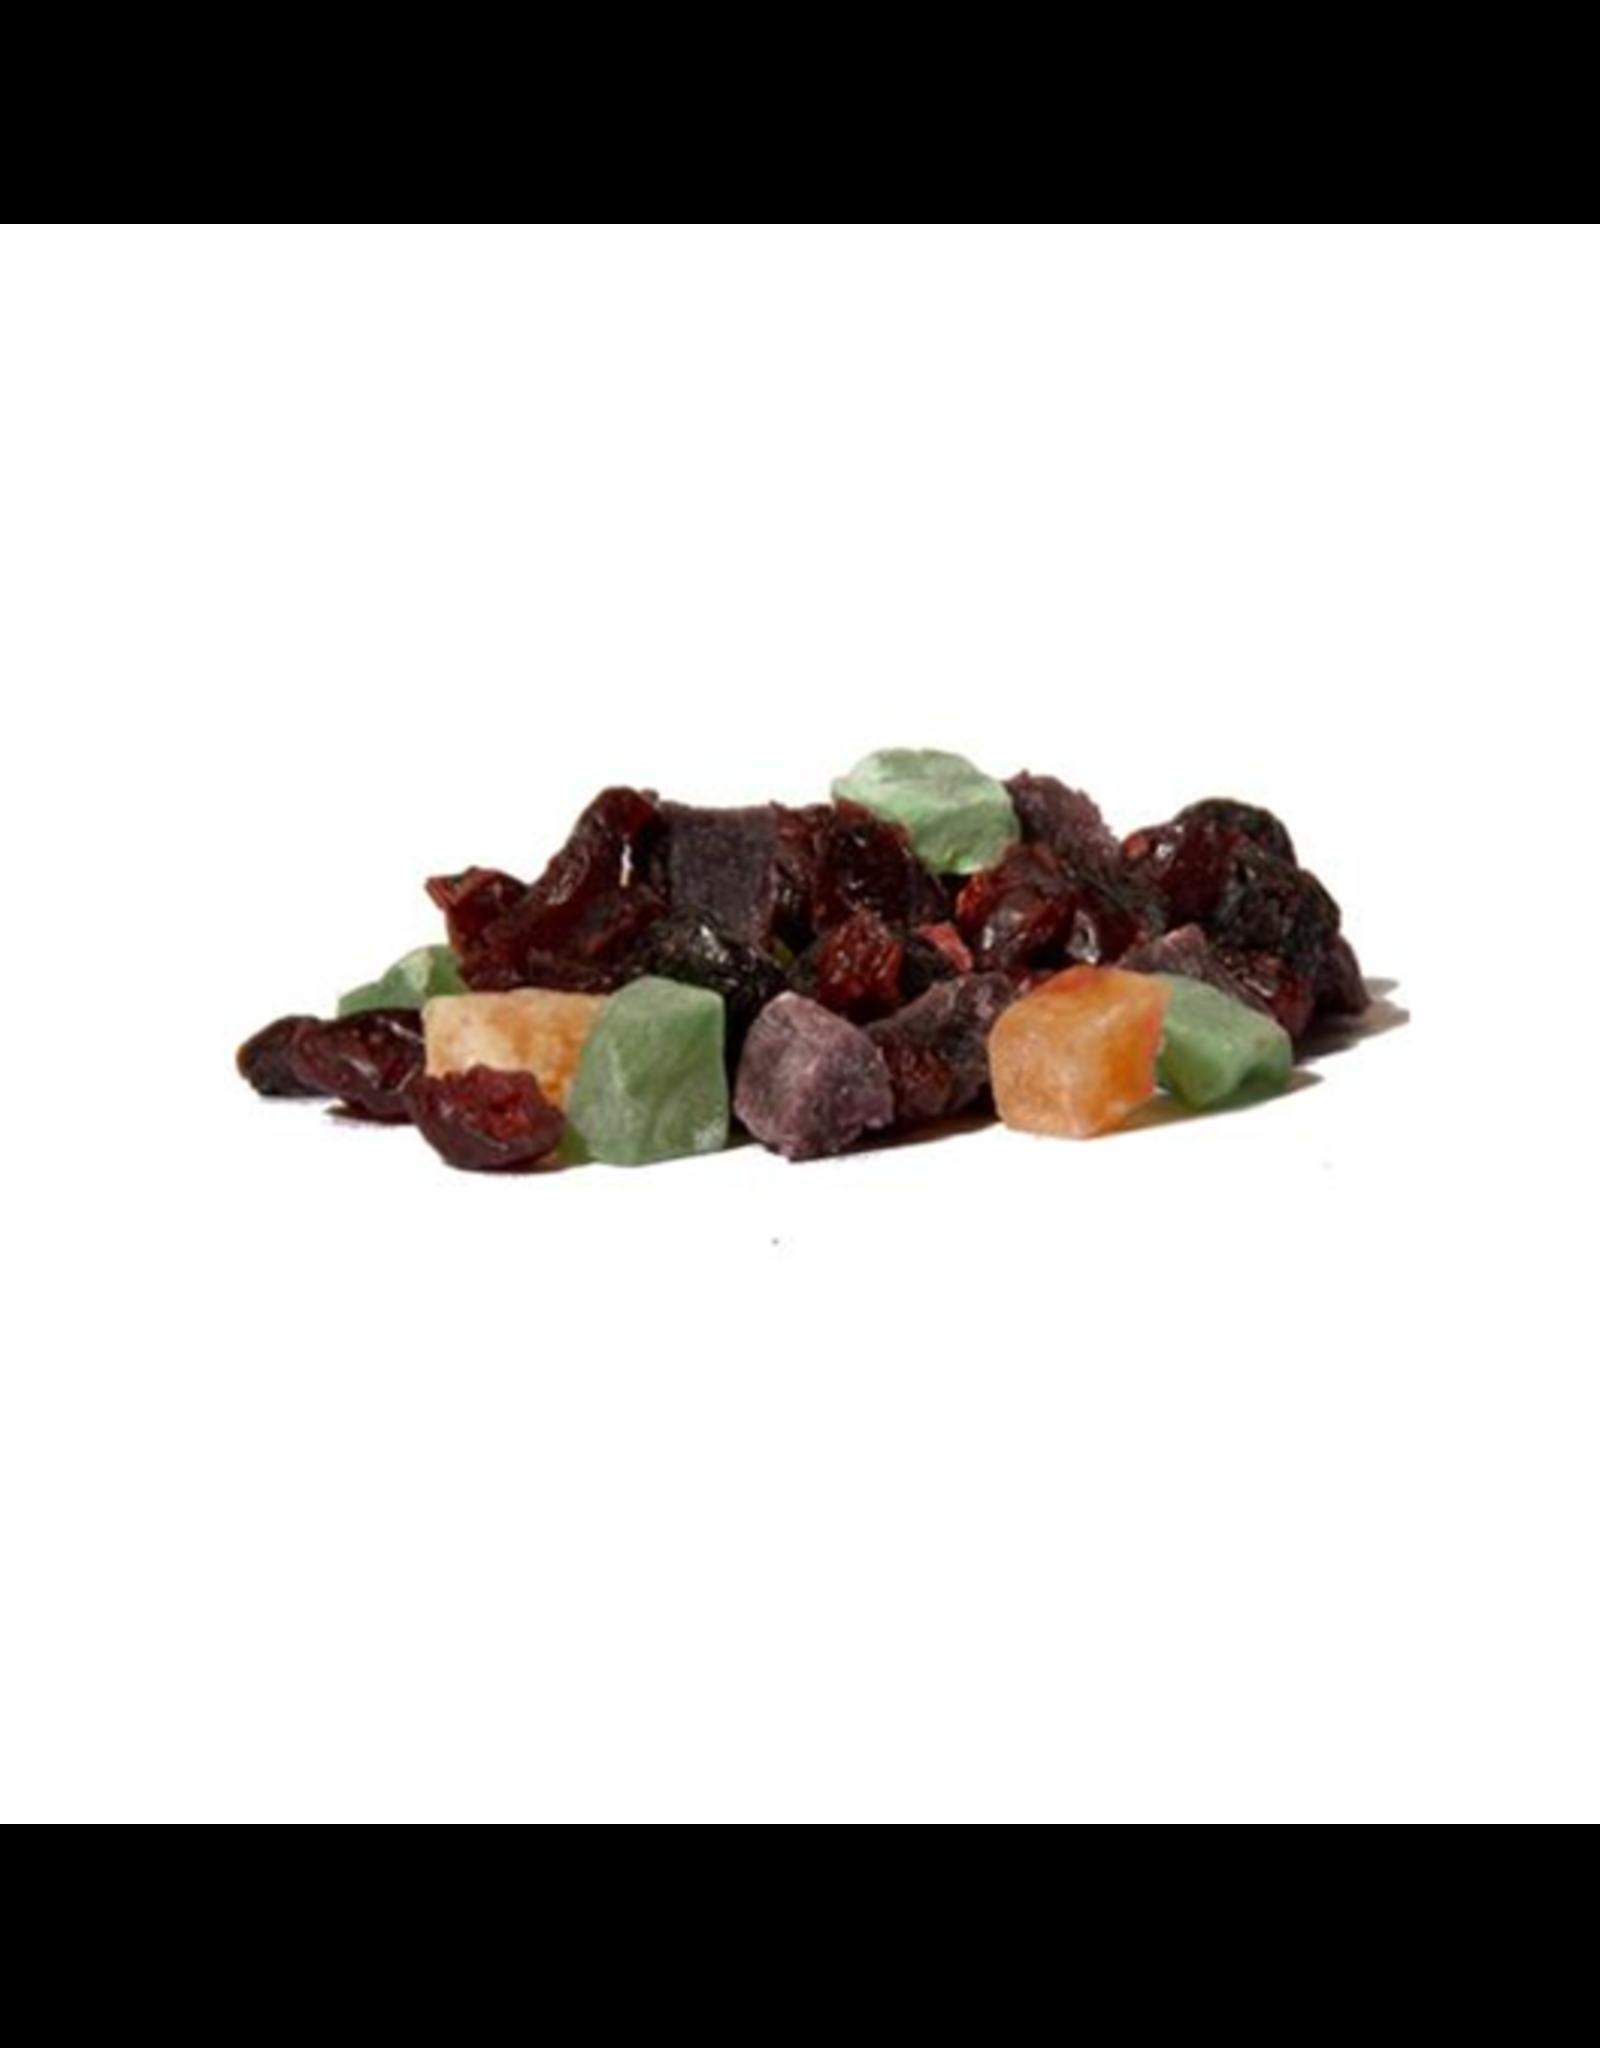 Fruitmix met Bessen 250 gr